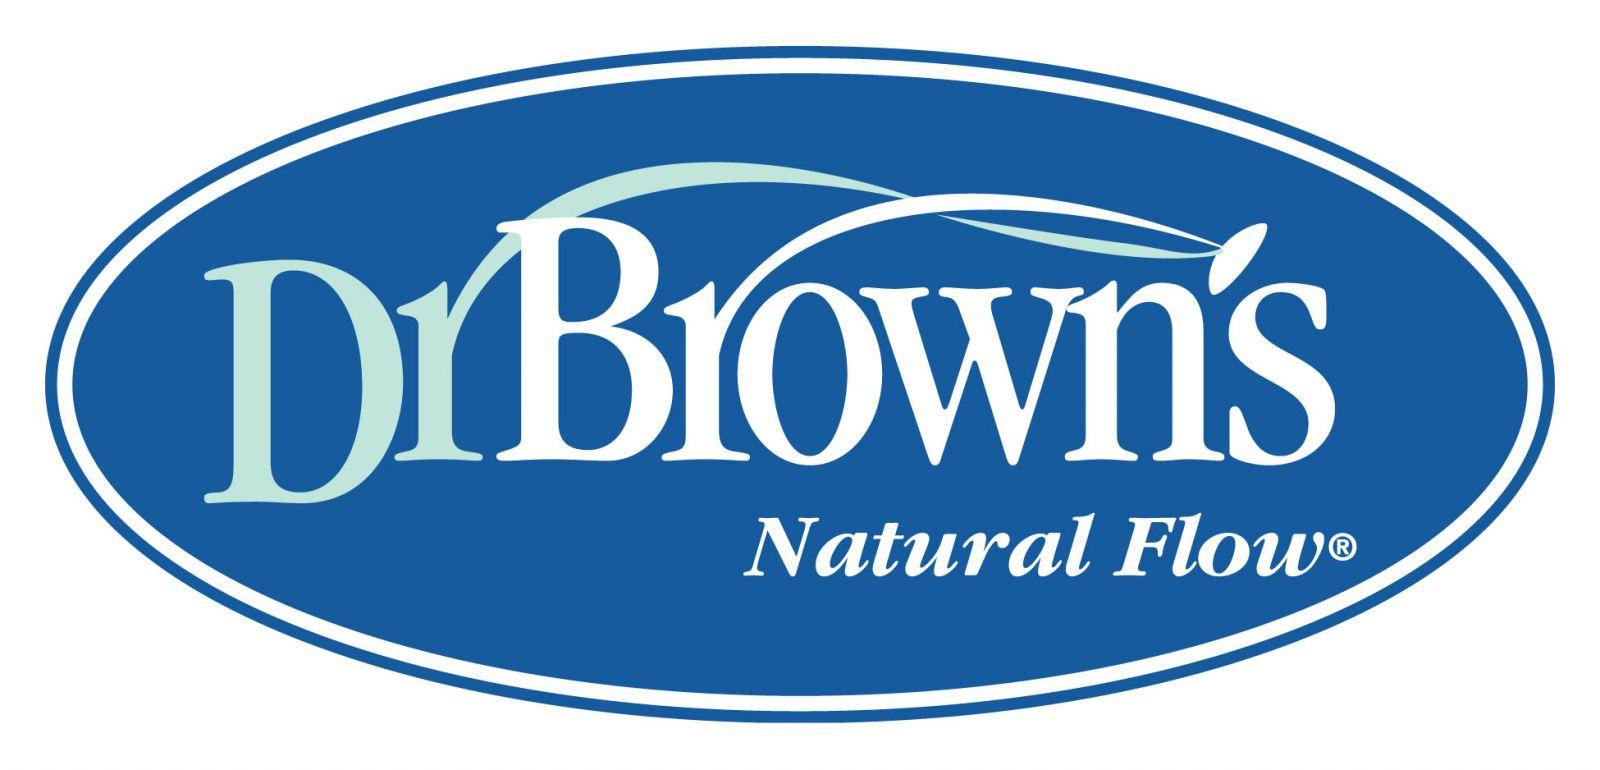 Bình sữa Dr Brown's cổ thường 8oz (240ml)